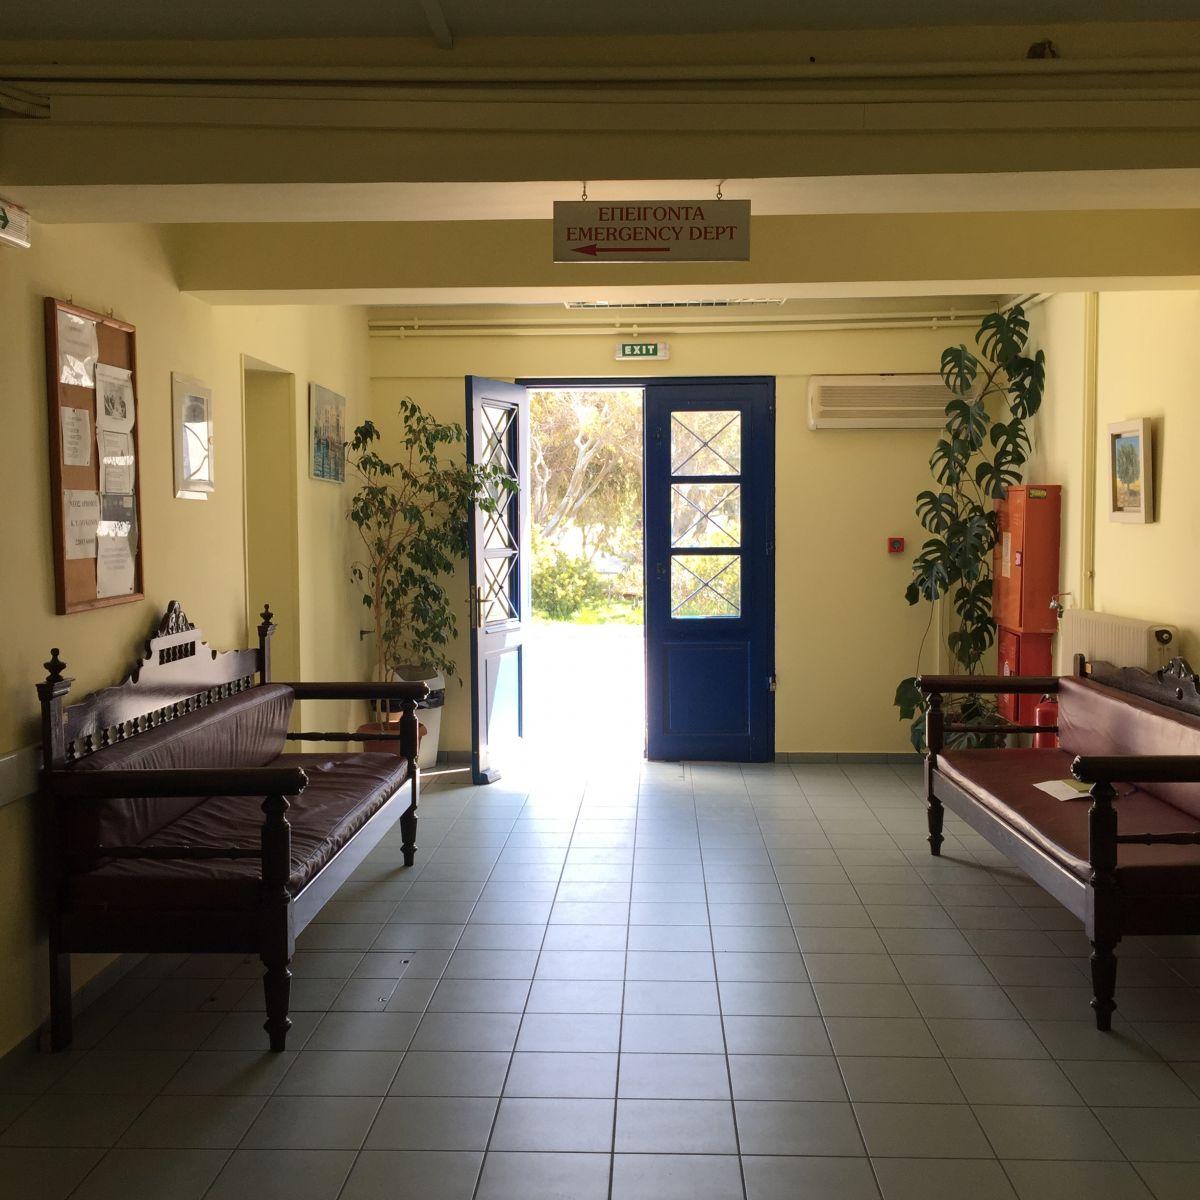 Προμήθεια ιατρικού εξοπλισμού ύψους 55.000 ευρώ για το Κέντρο Υγείας & άλλων μονάδων του Δήμου Μυκόνου